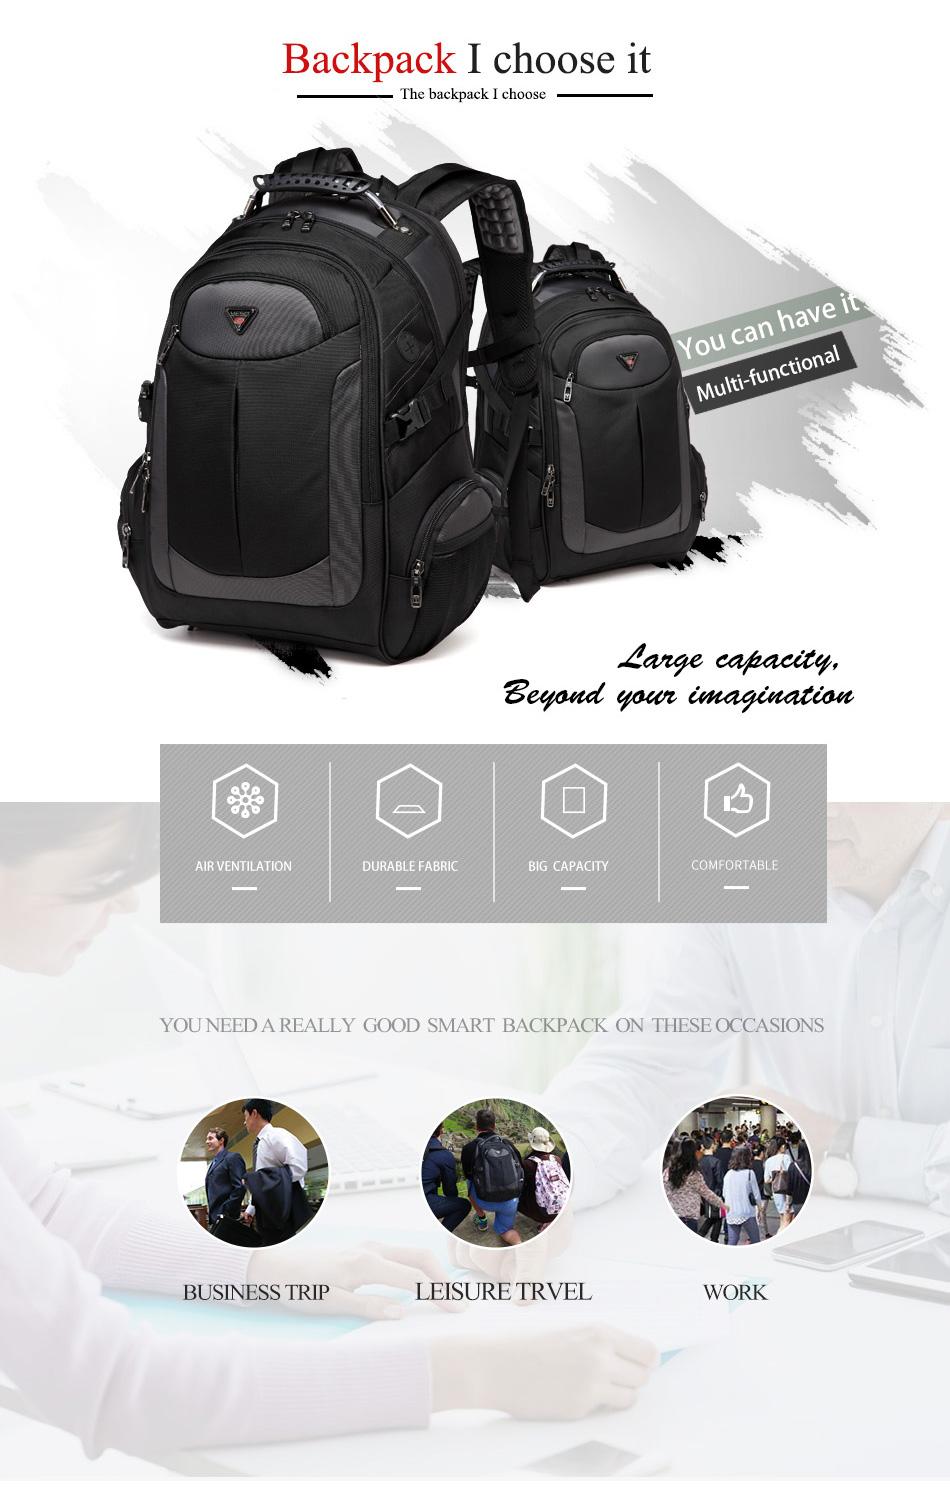 да  нет абсолютно ноутбук рюкзак для мужчин с Drag 2018 сумки многофункциональный рюкзак водонепроницаемый Oxford черный компьютер ОГА для порта